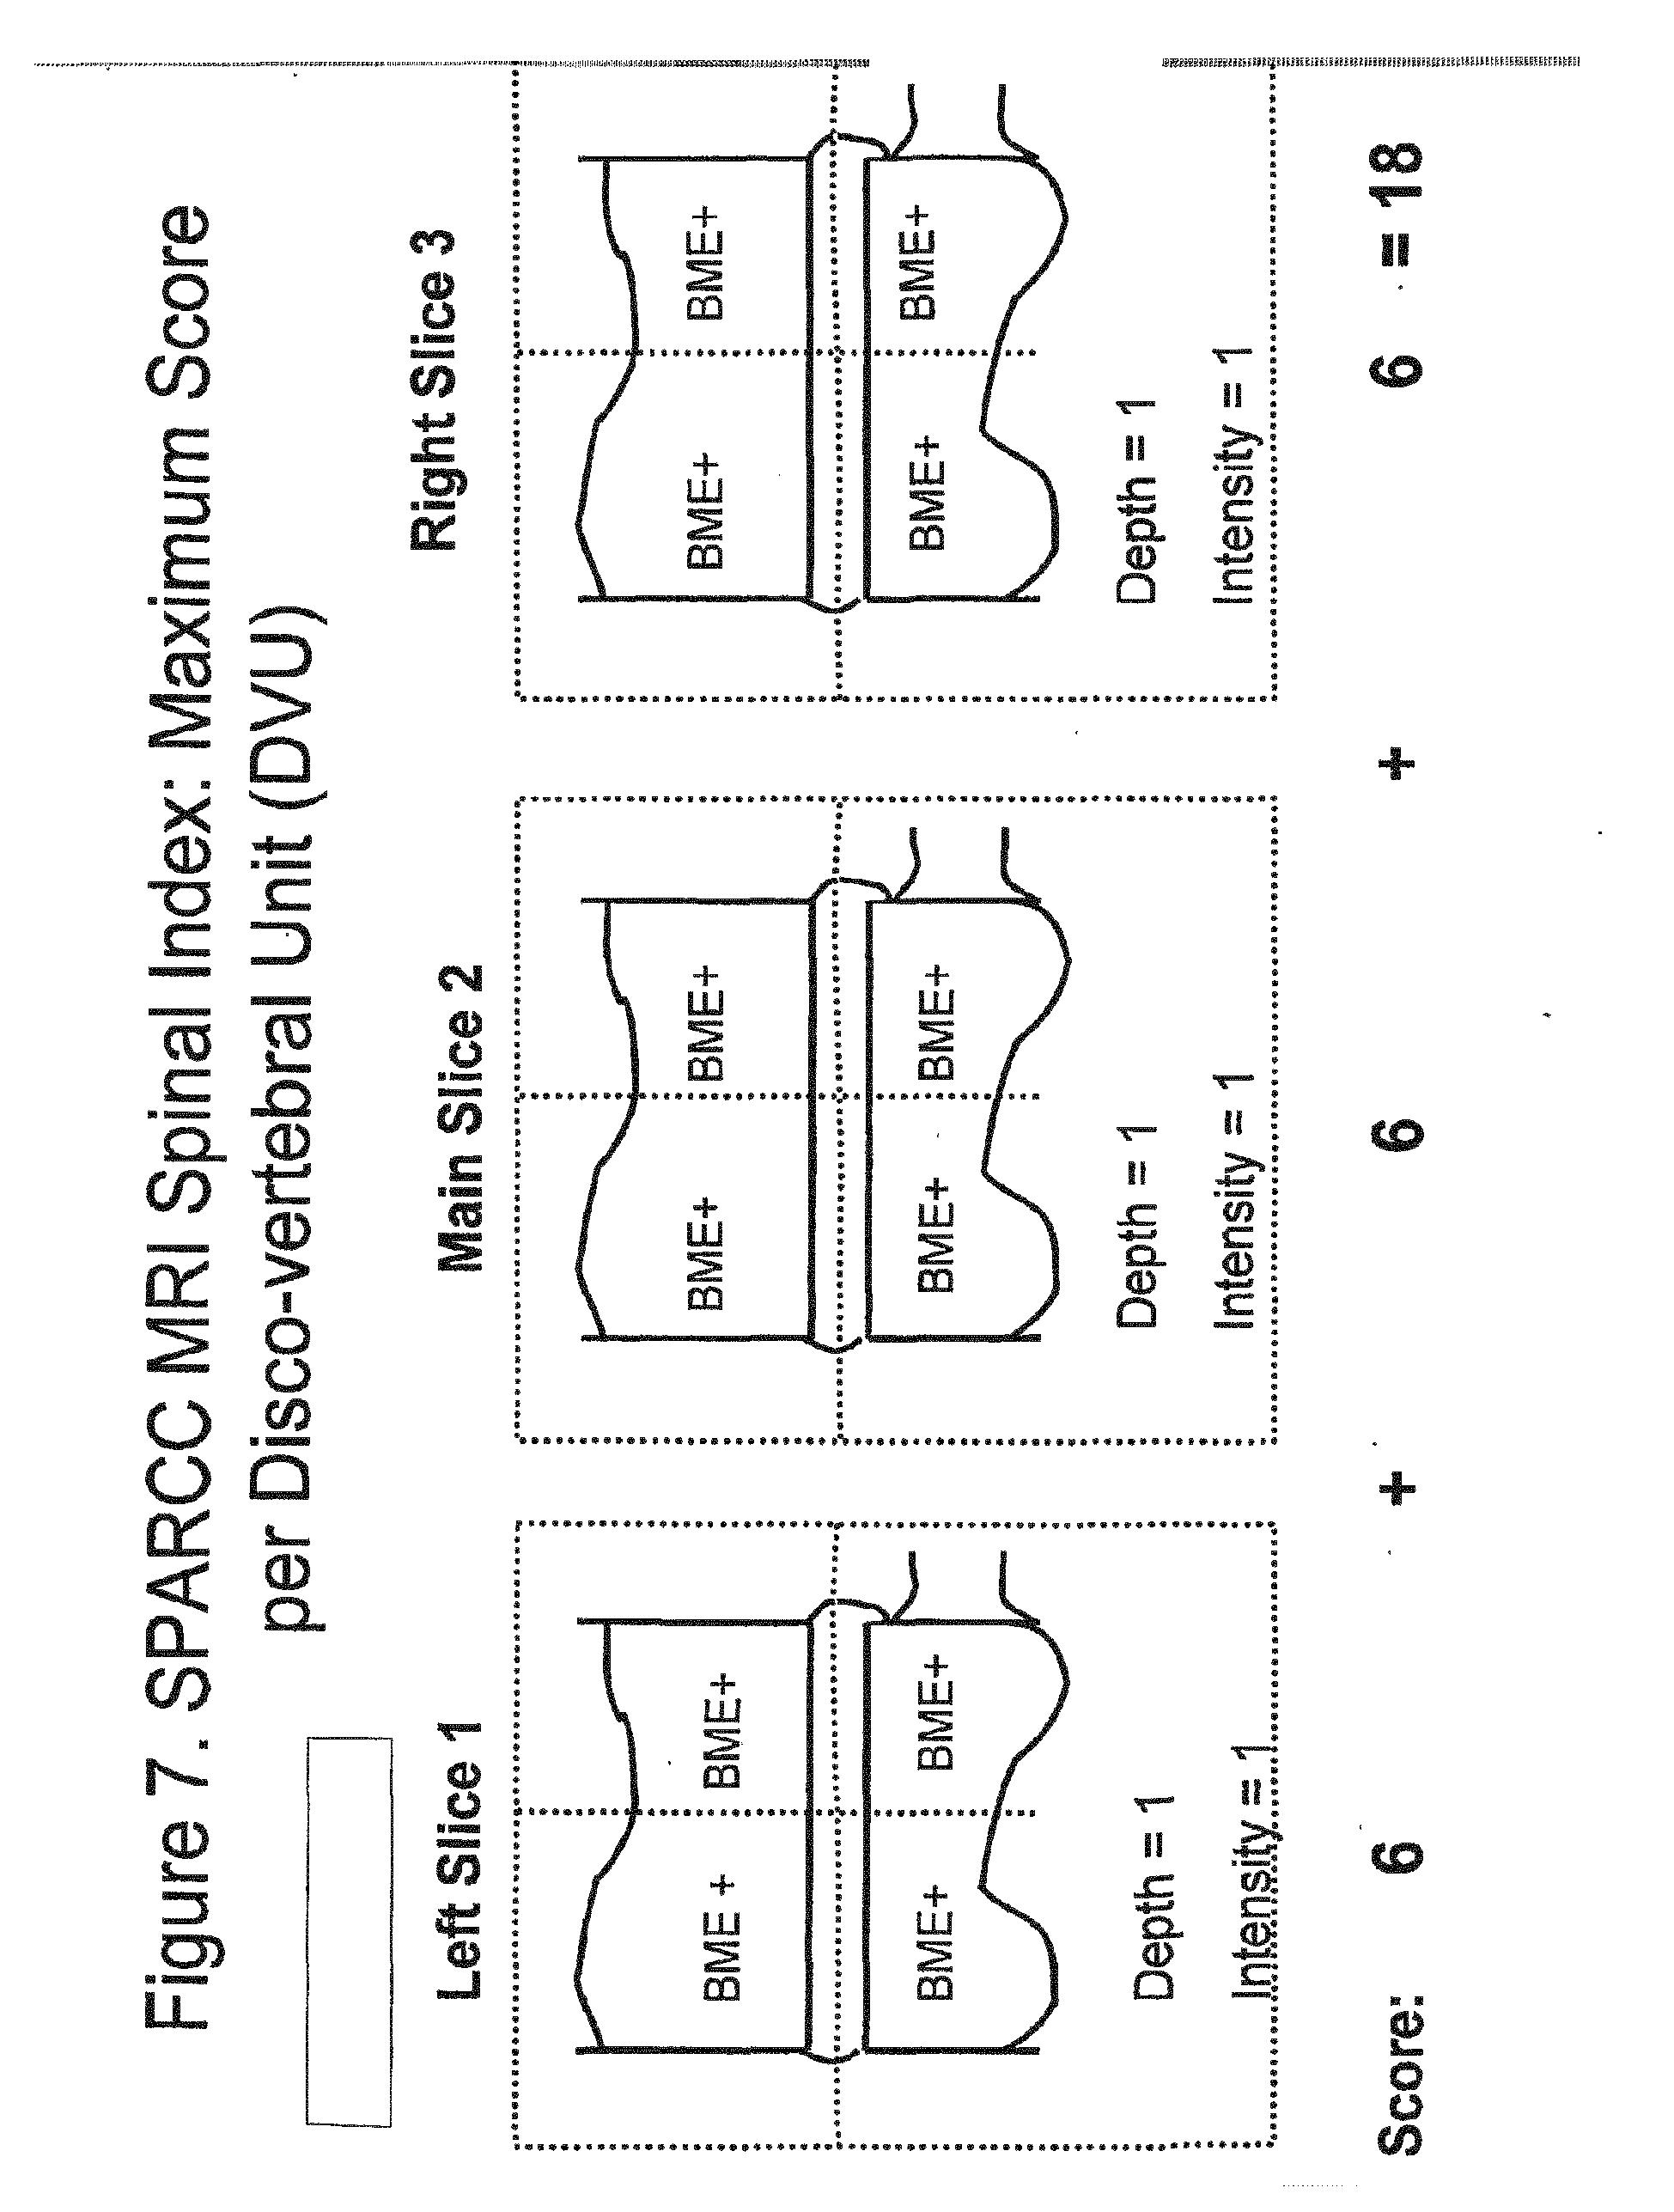 patent ep2708242a2 utilisations et compositions pour le traitement de la spondylarthrite. Black Bedroom Furniture Sets. Home Design Ideas